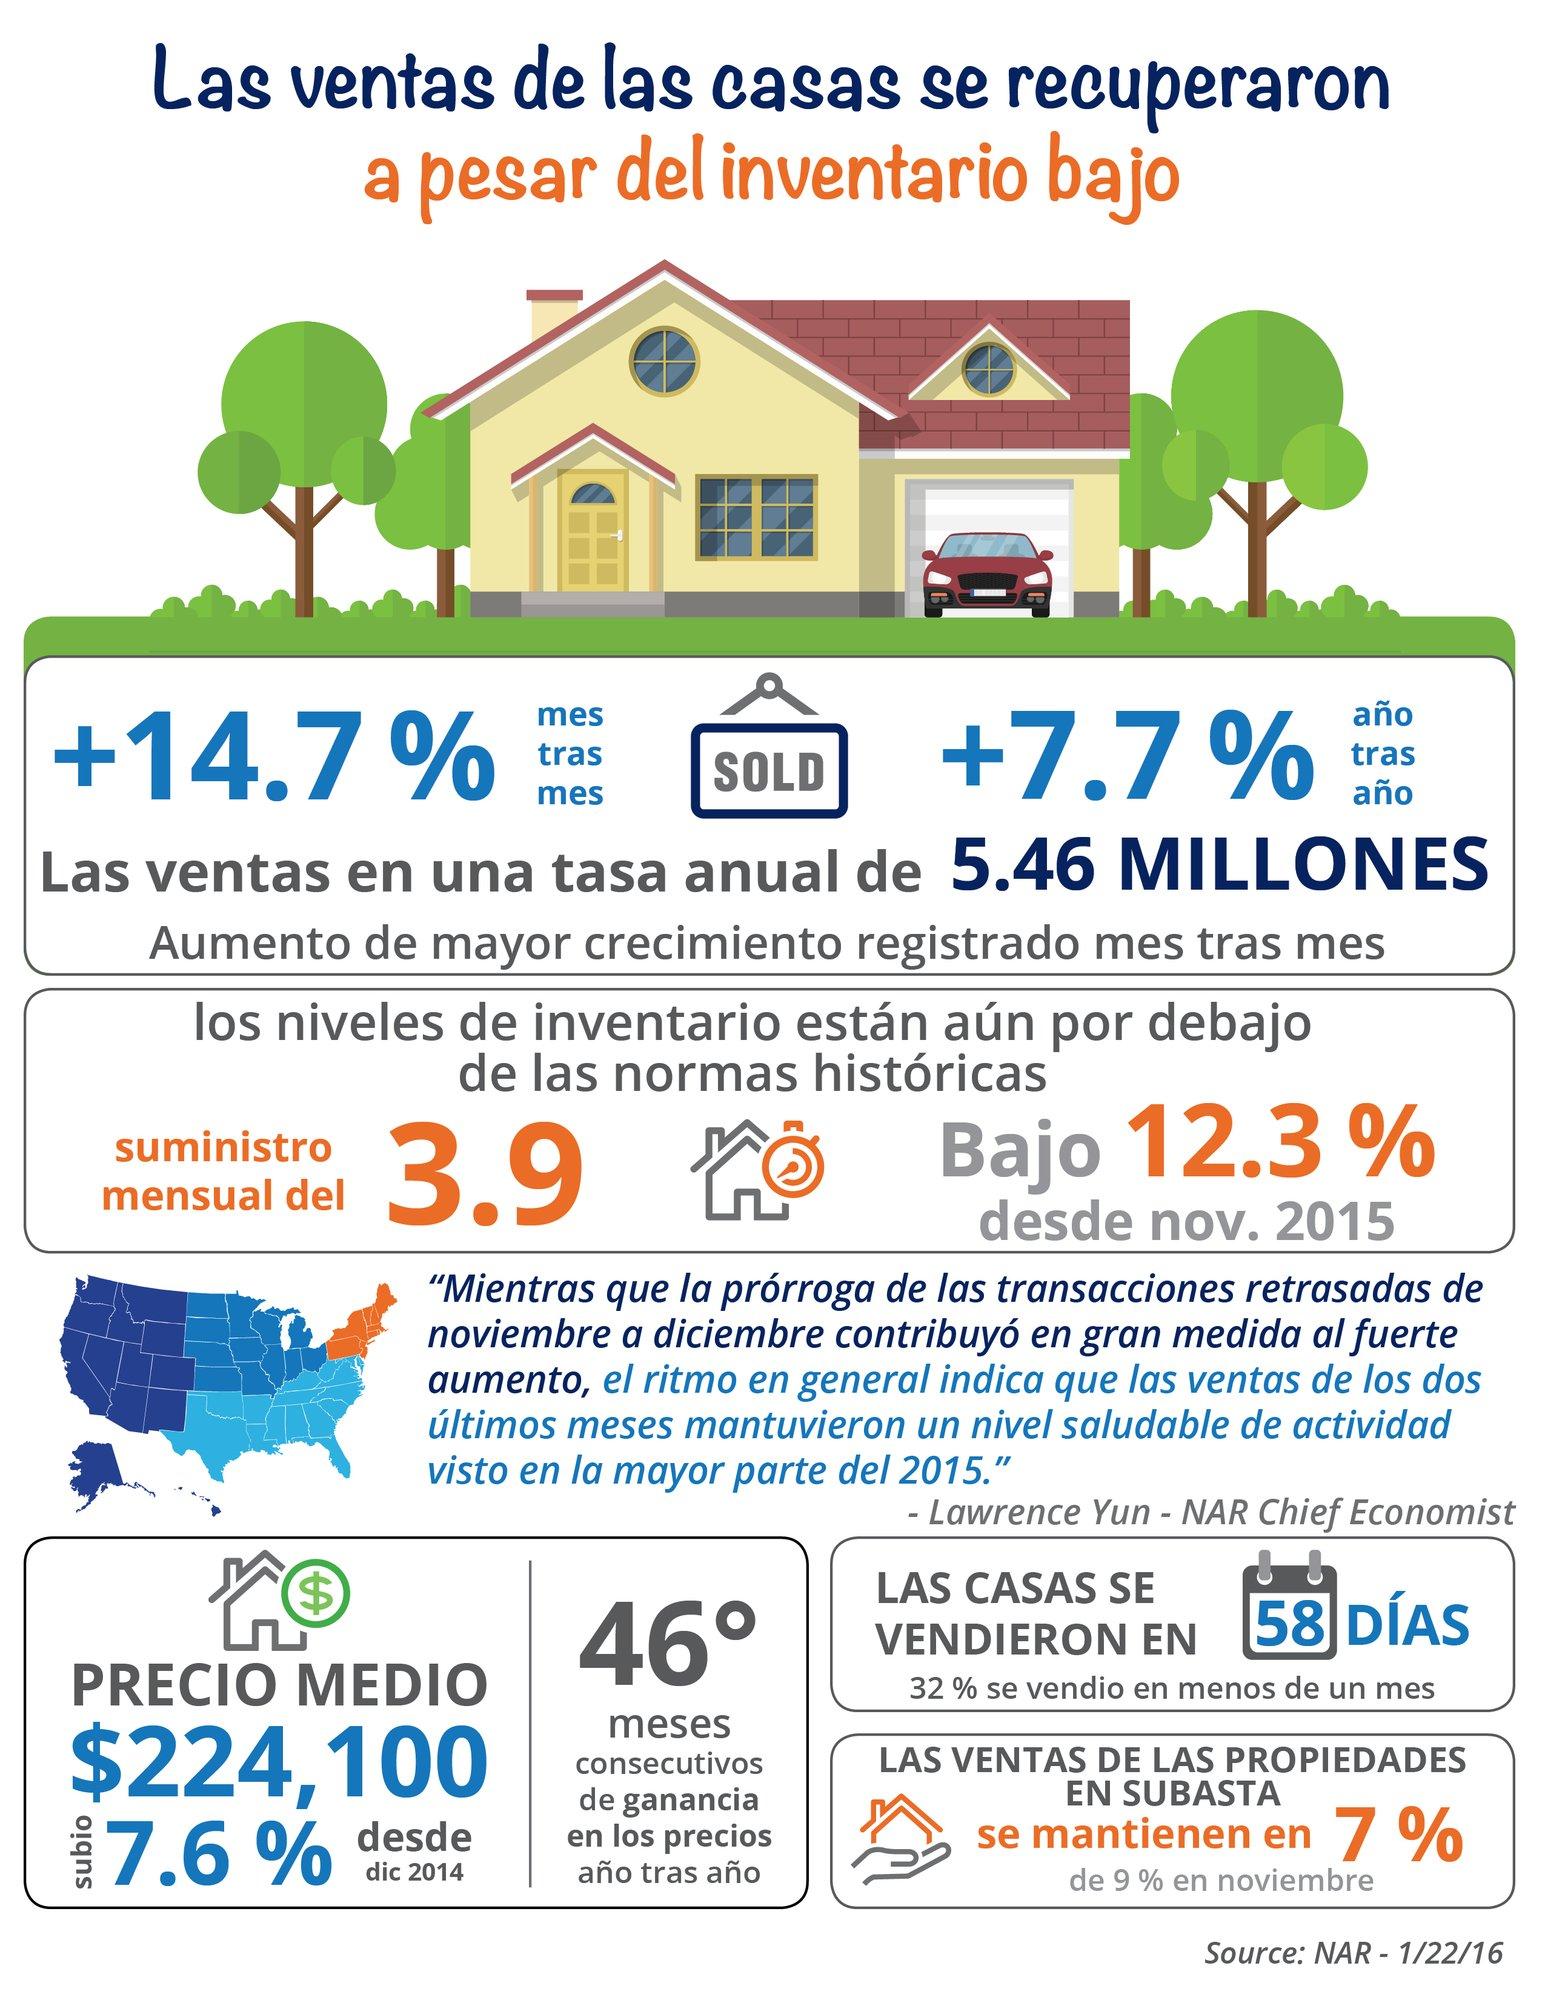 Las ventas de las casas ya existentes se recuperaron [INFOGRAFíA] | Simplifying The Market